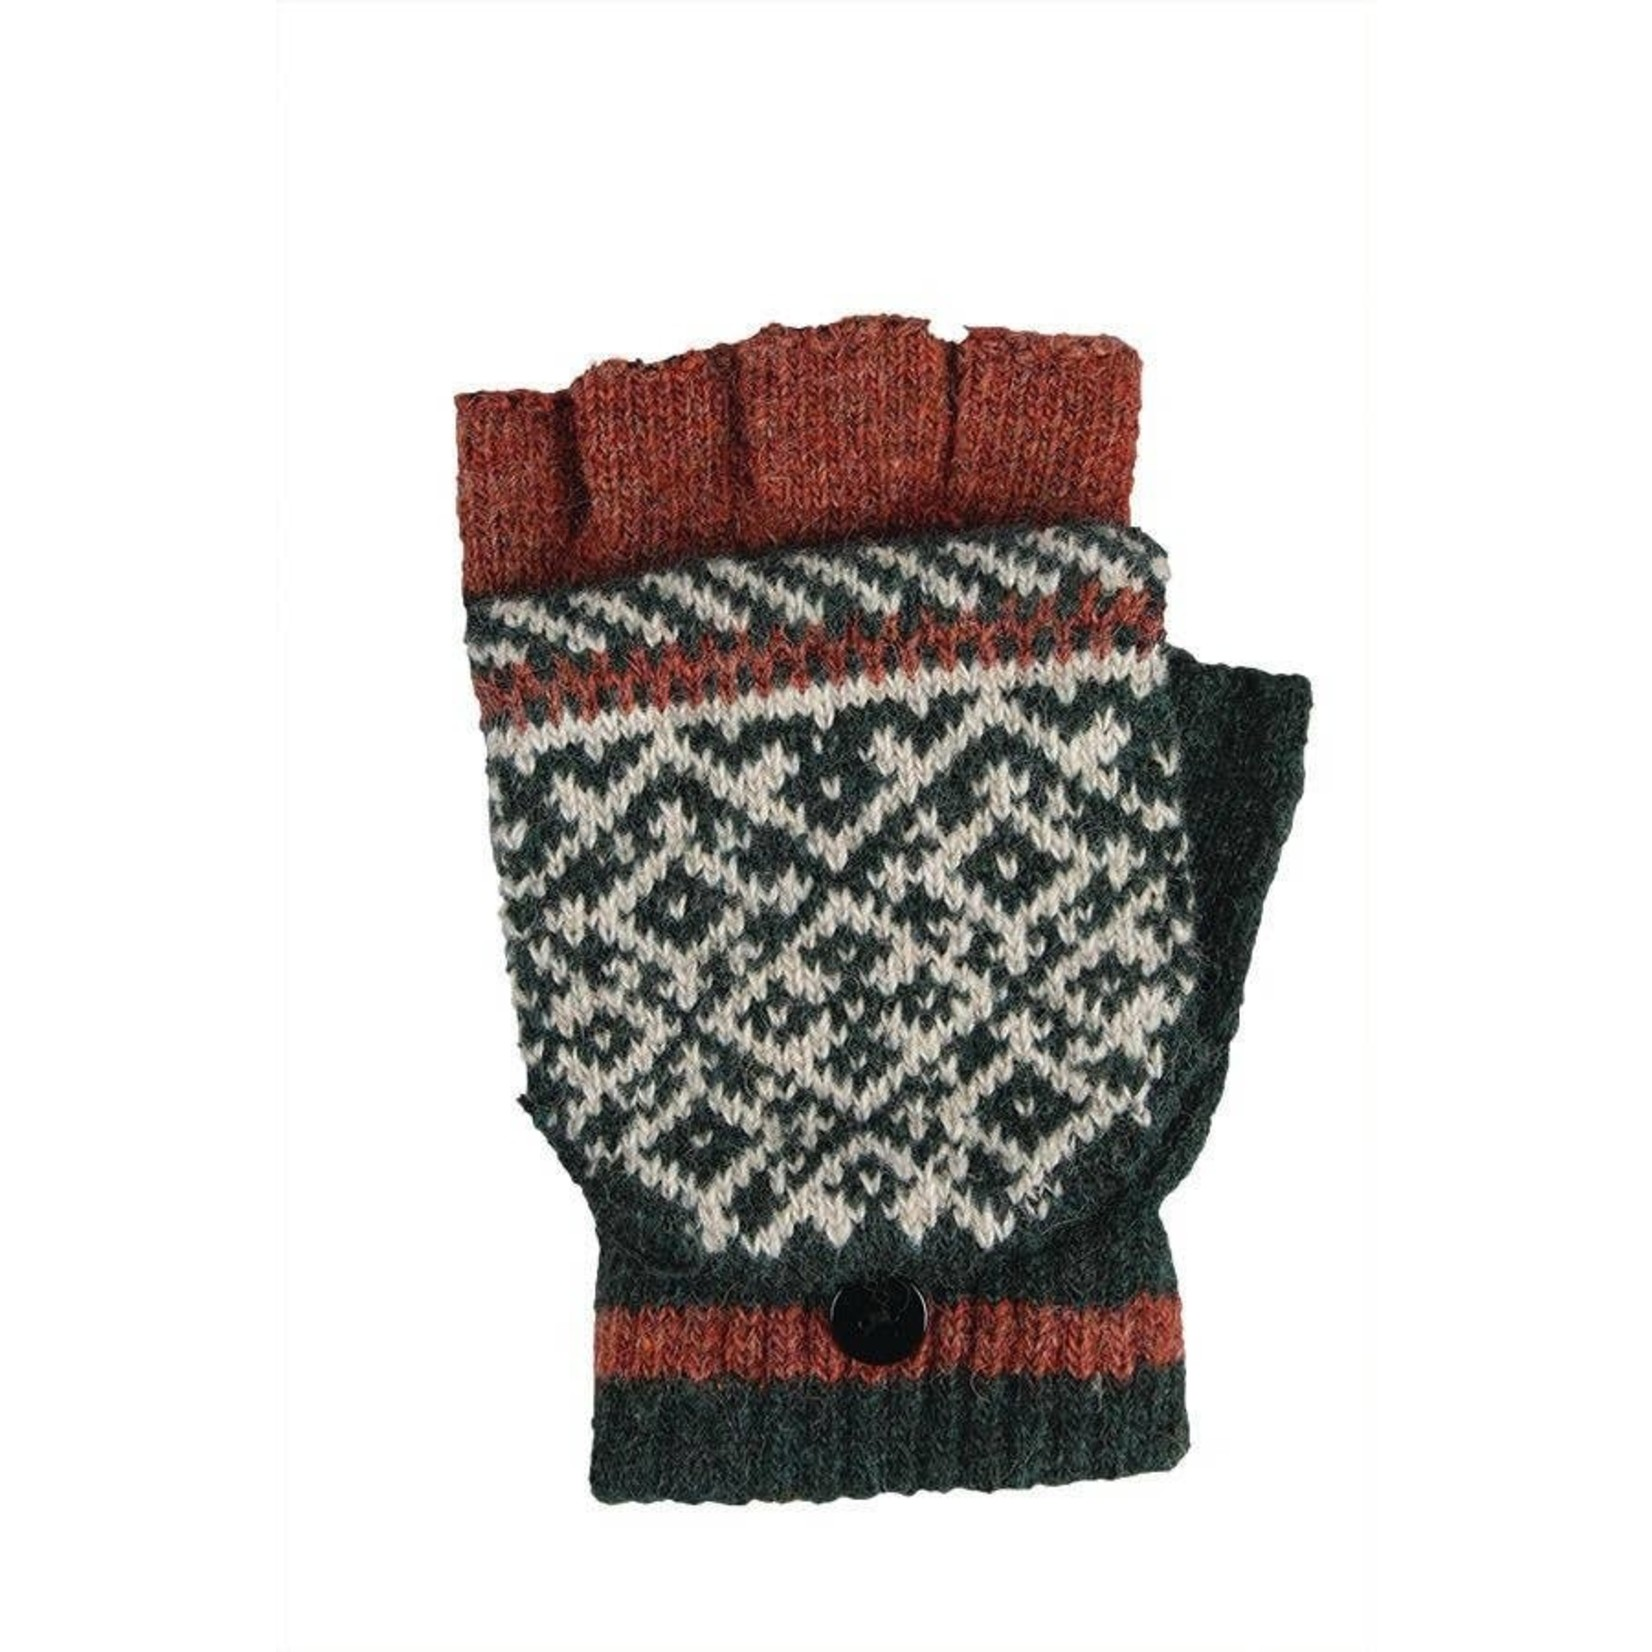 Jeanne Simmons Fingerless Glove w/ Mitten Cap in Rust/Blk Multi